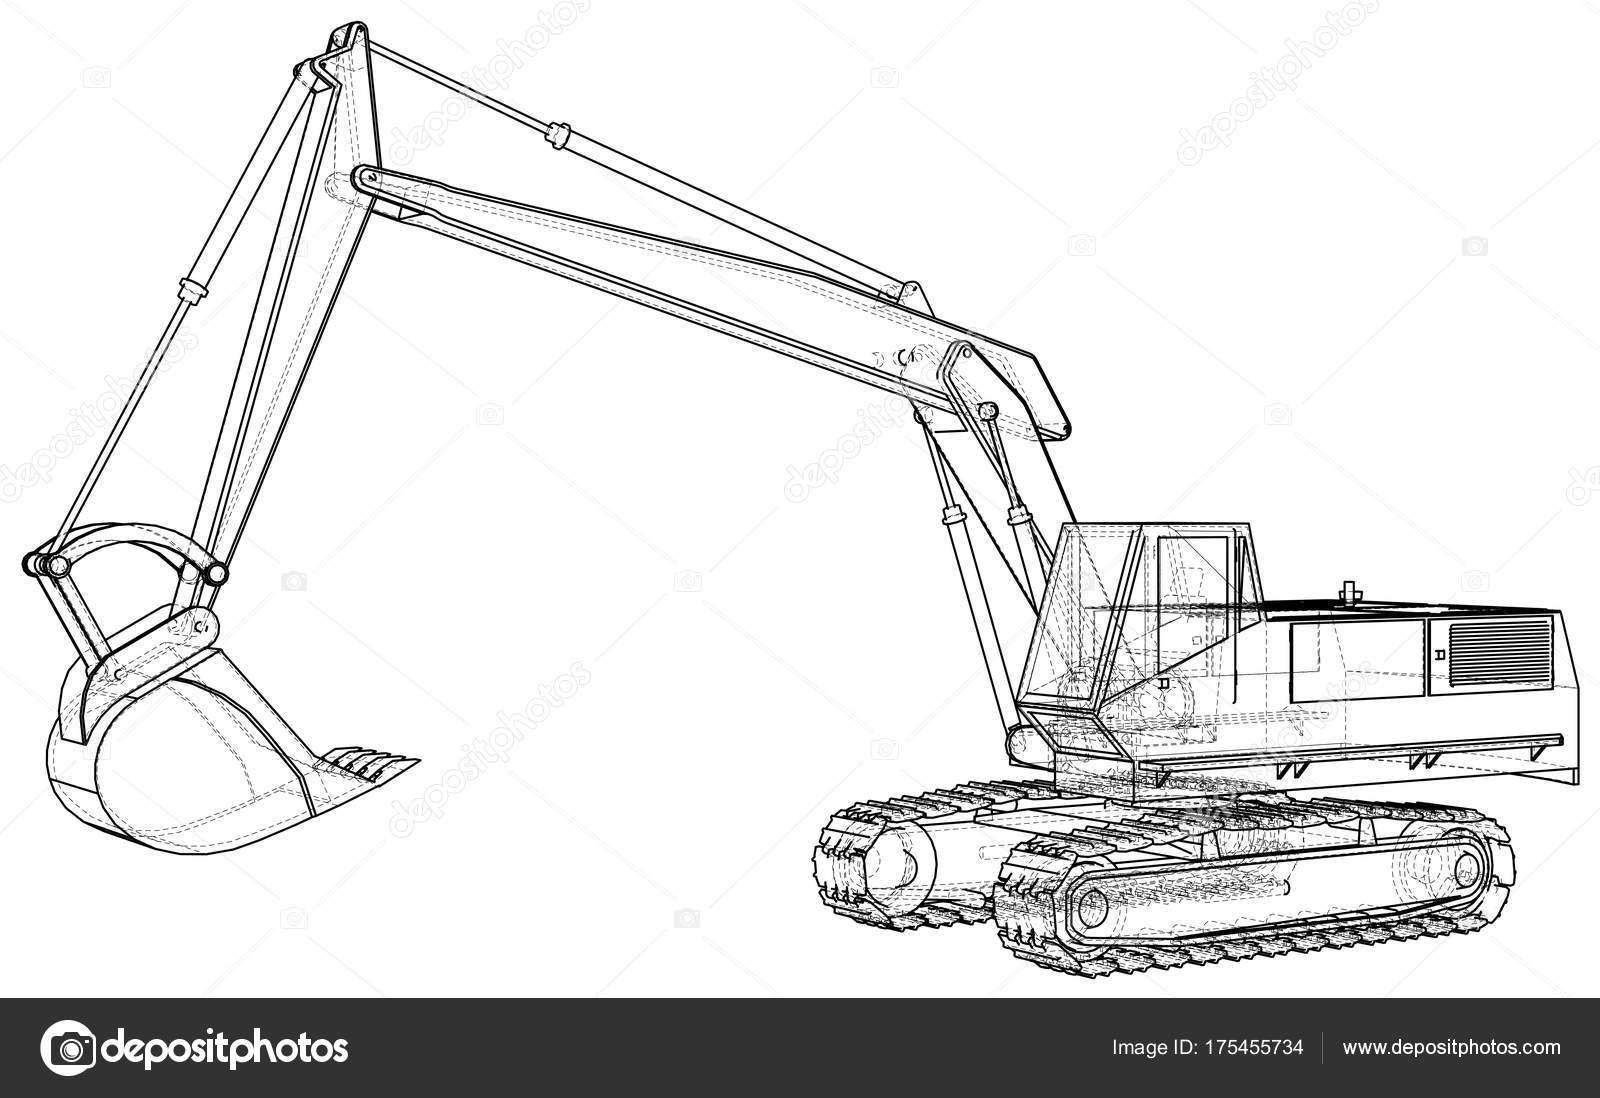 Dell 39 escavatore disegno astratto illustrazione di for Disegno 3d free